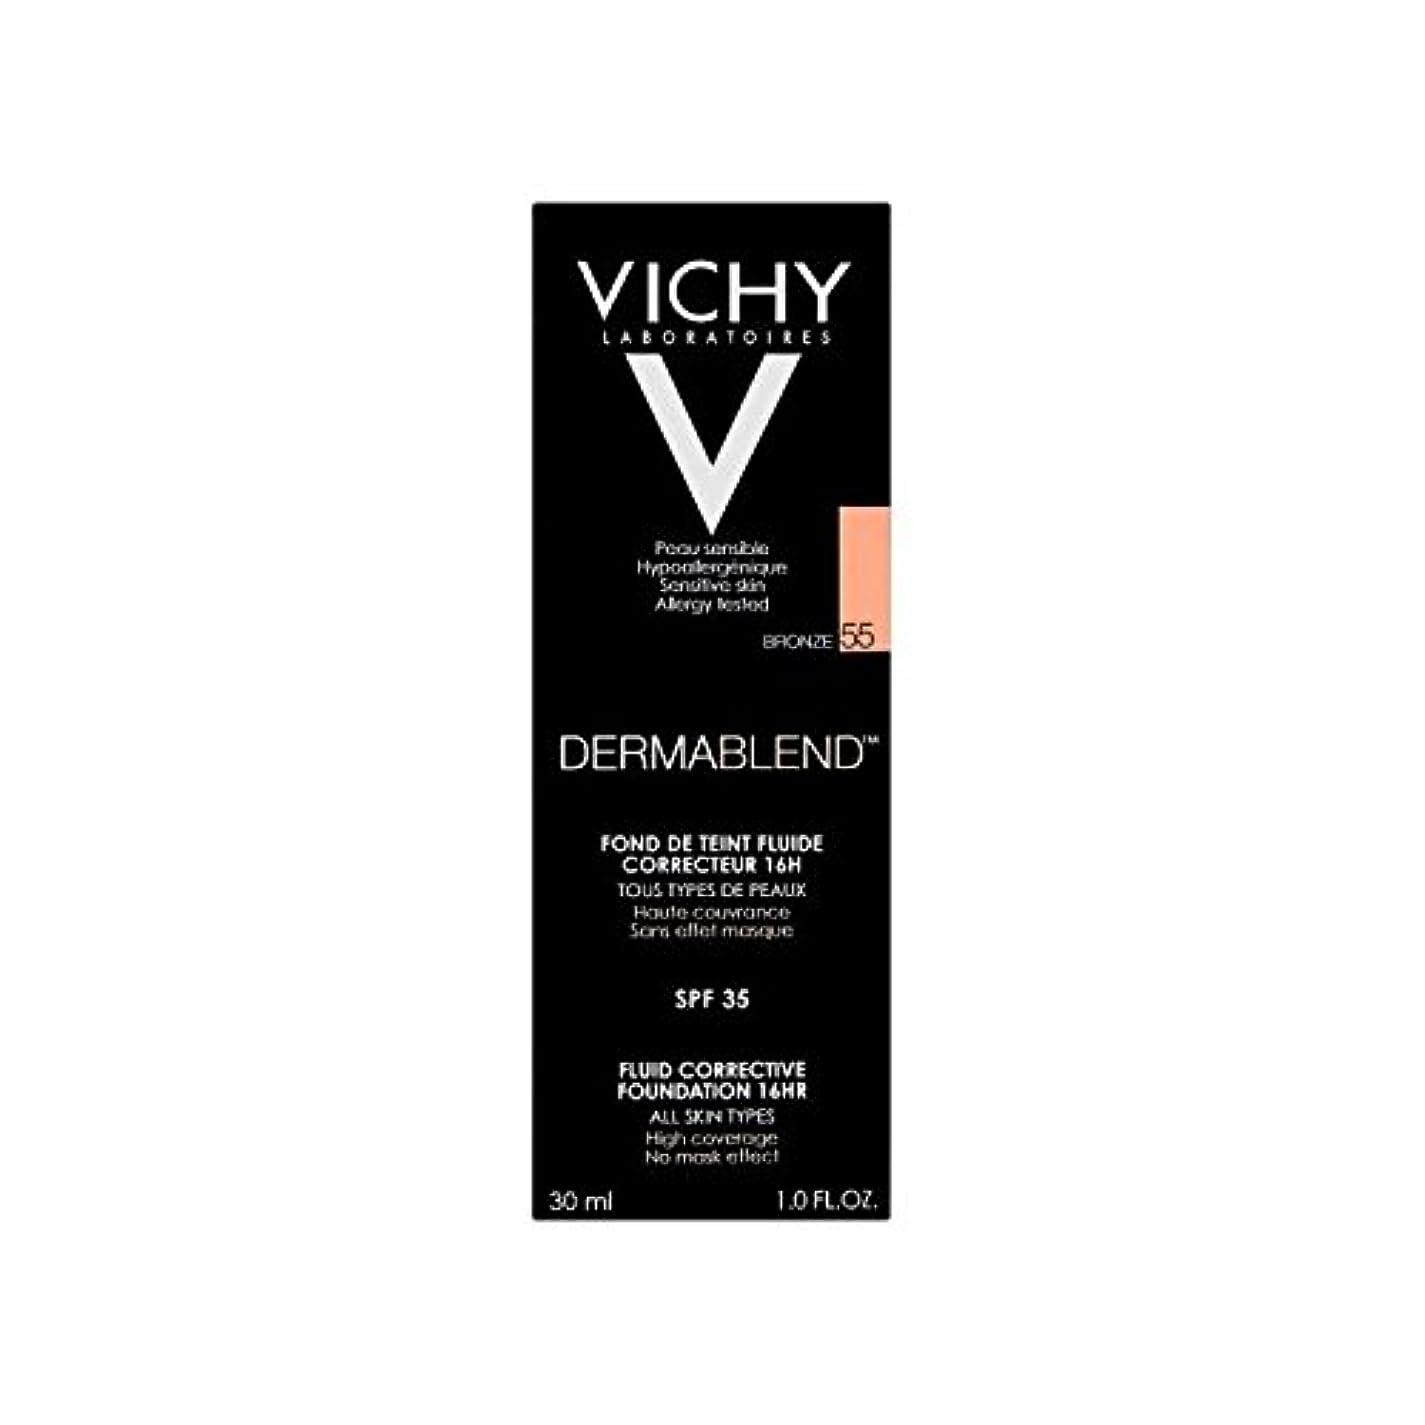 スカリー別々に天ヴィシー是正流体の基礎30ミリリットル青銅55 x4 - Vichy Dermablend Corrective Fluid Foundation 30ml Bronze 55 (Pack of 4) [並行輸入品]